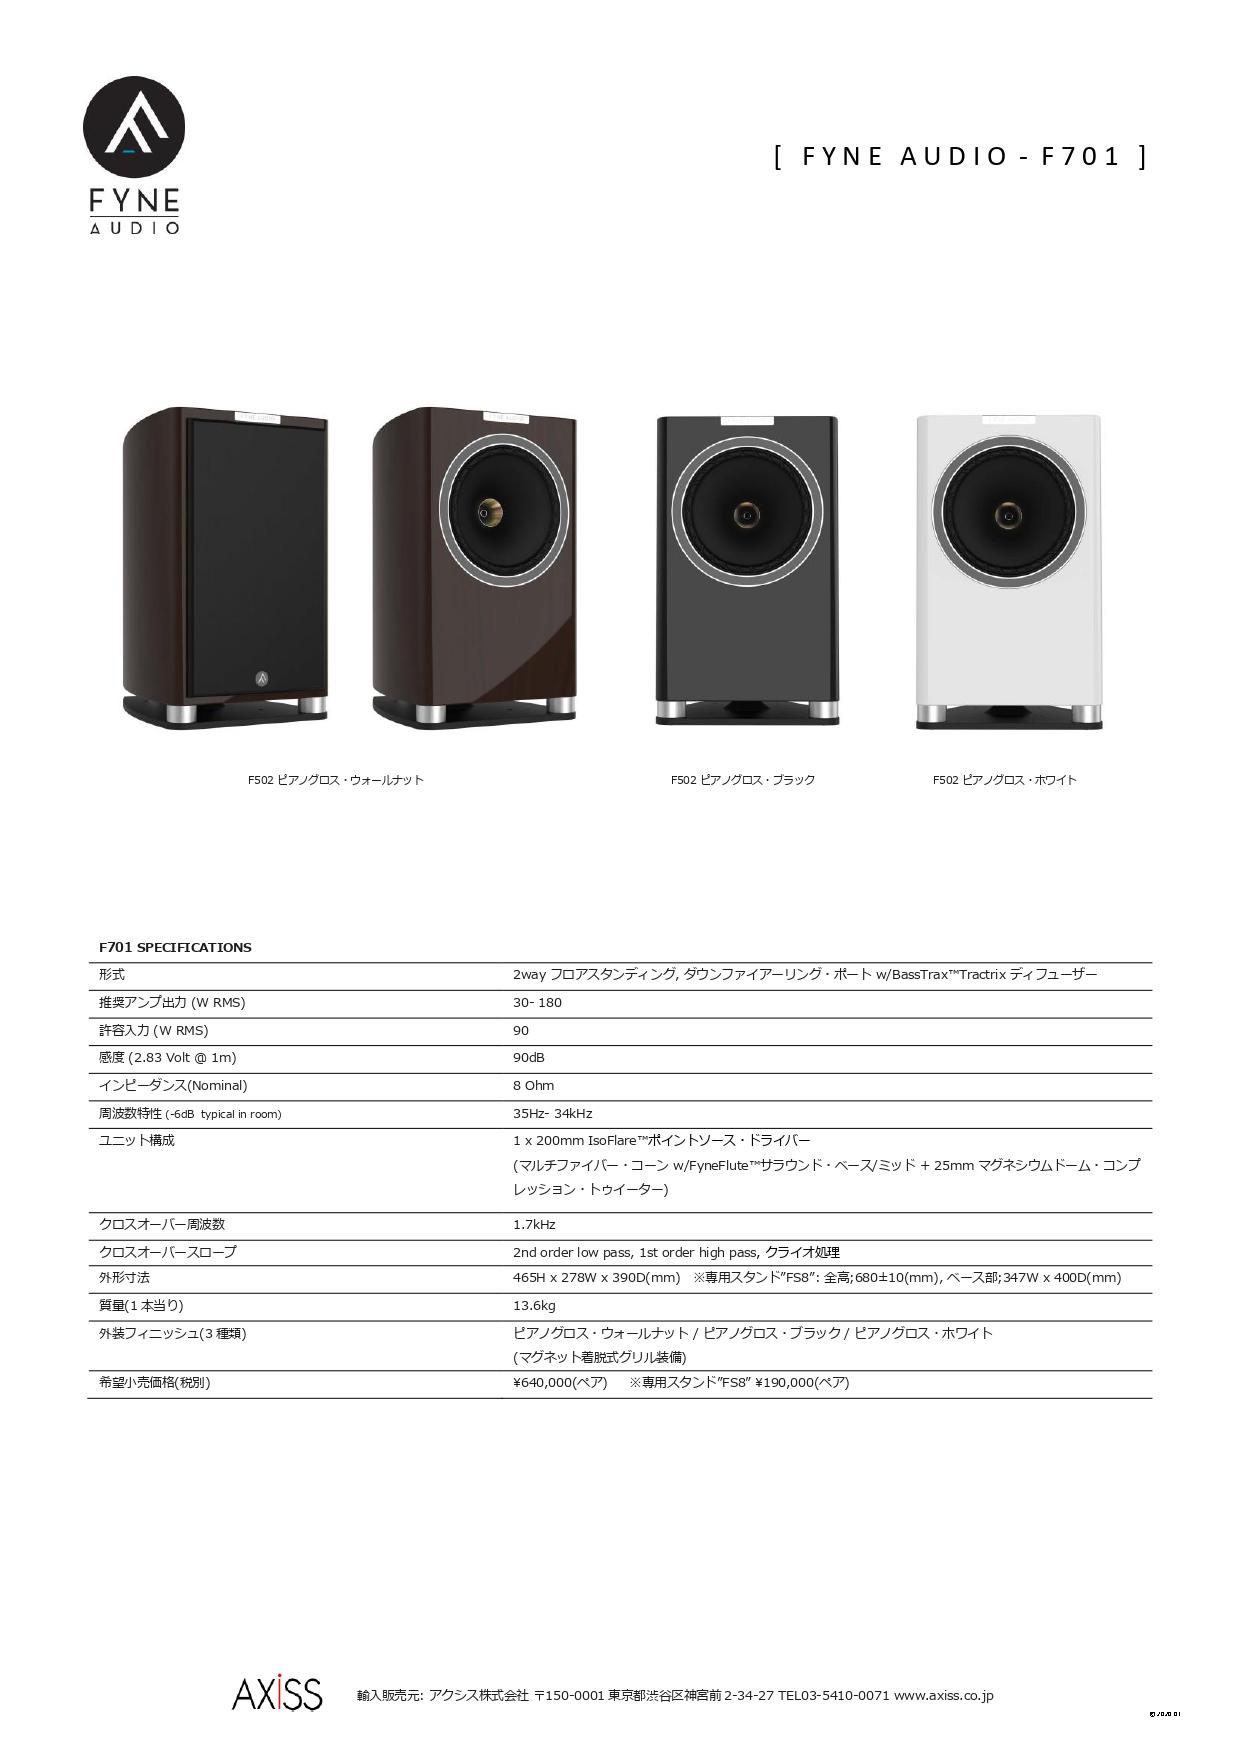 新製品案内_Fyne Audio_F701_page-0005